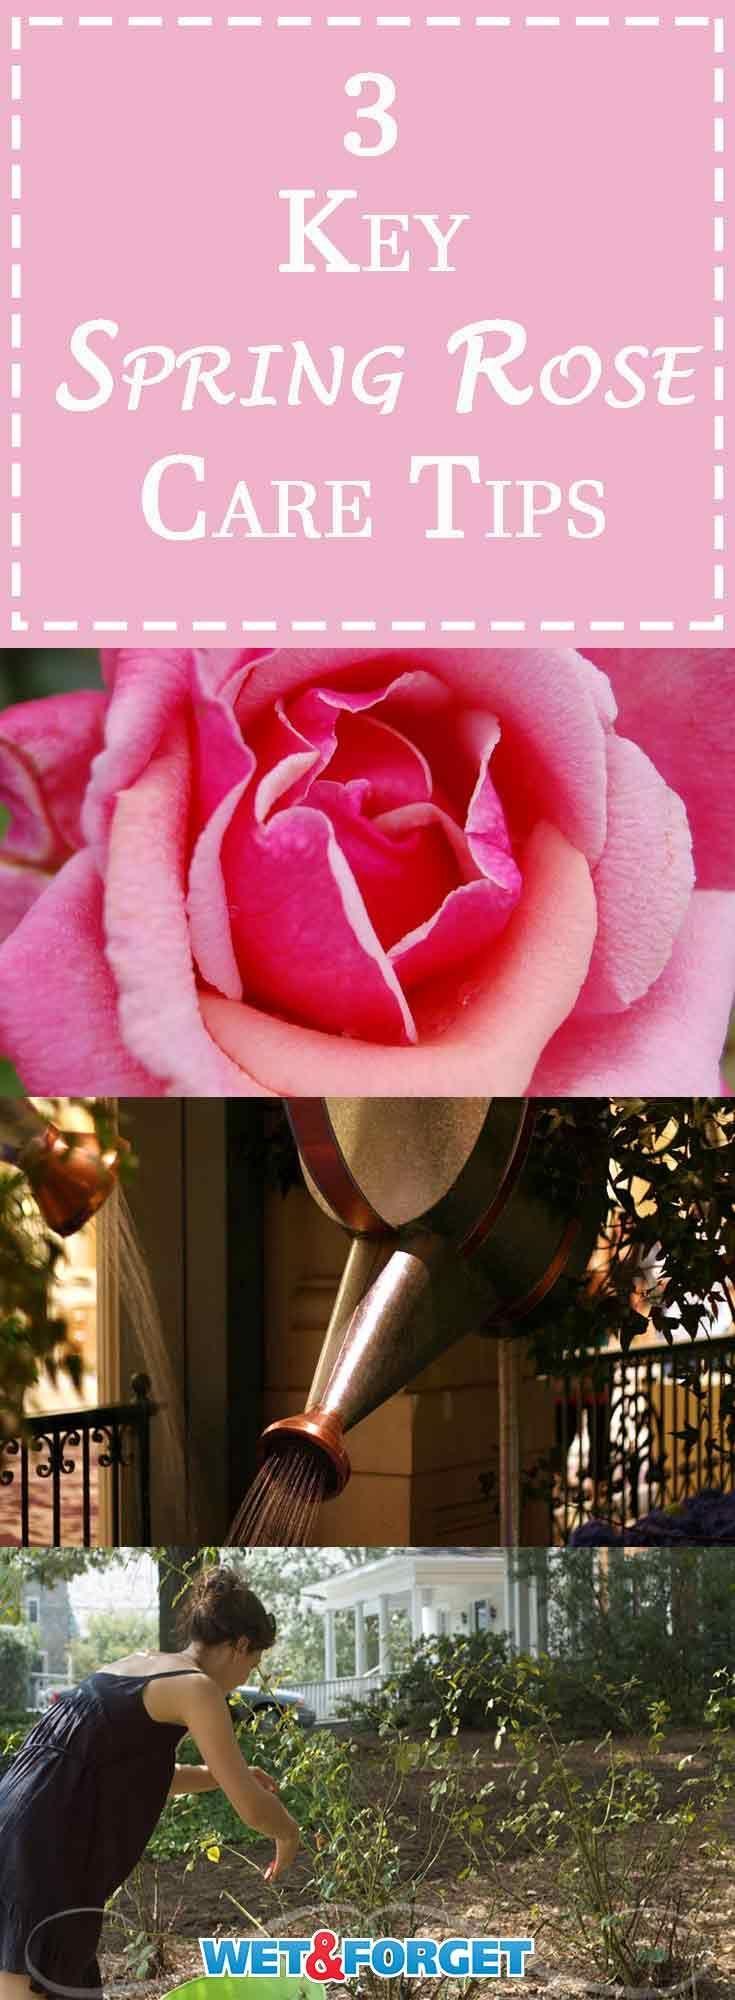 Alles Rose & kein Dorn! 3 wichtige Pflegetipps für